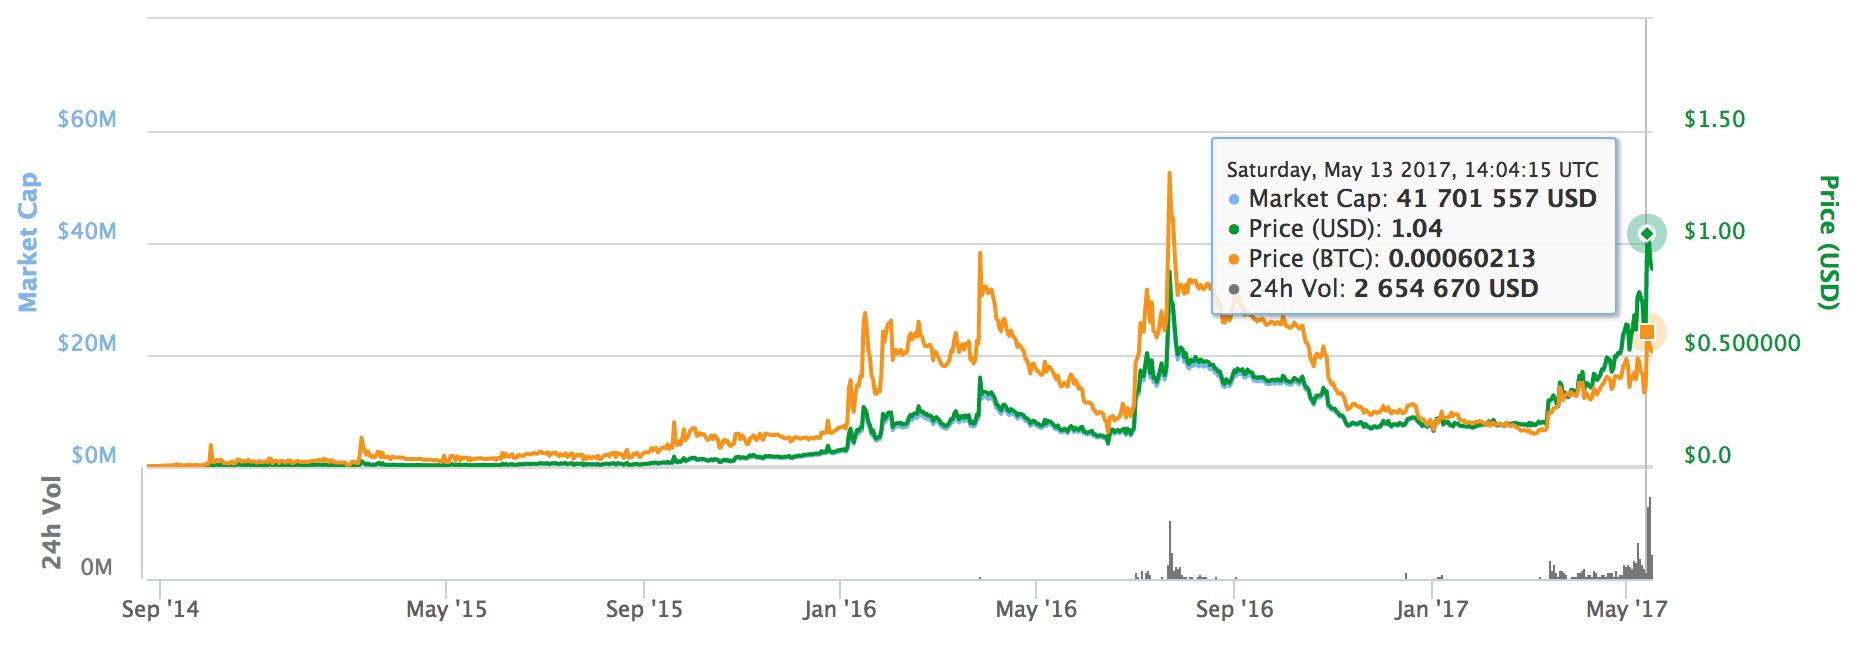 Стоимость Emercoin достигла исторического максимума - 2